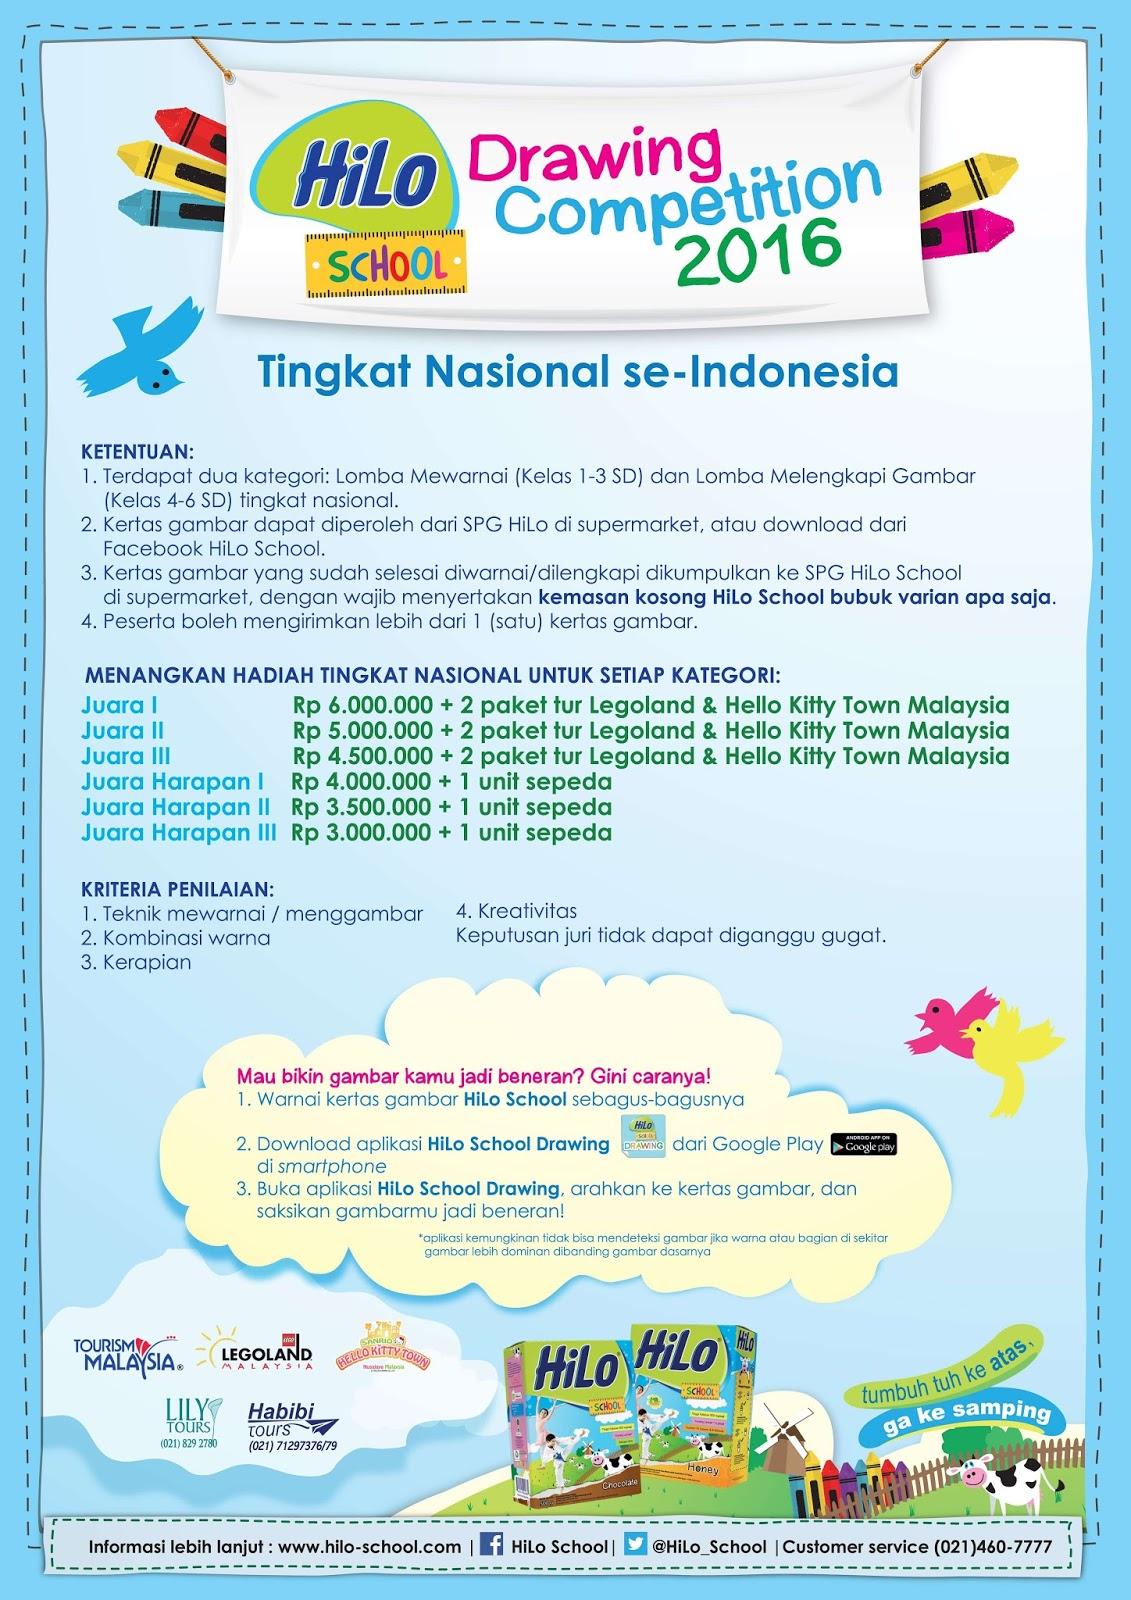 Hilo Drawing Contest 2016 Berhadiah Uang Lebih dari 20 Juta